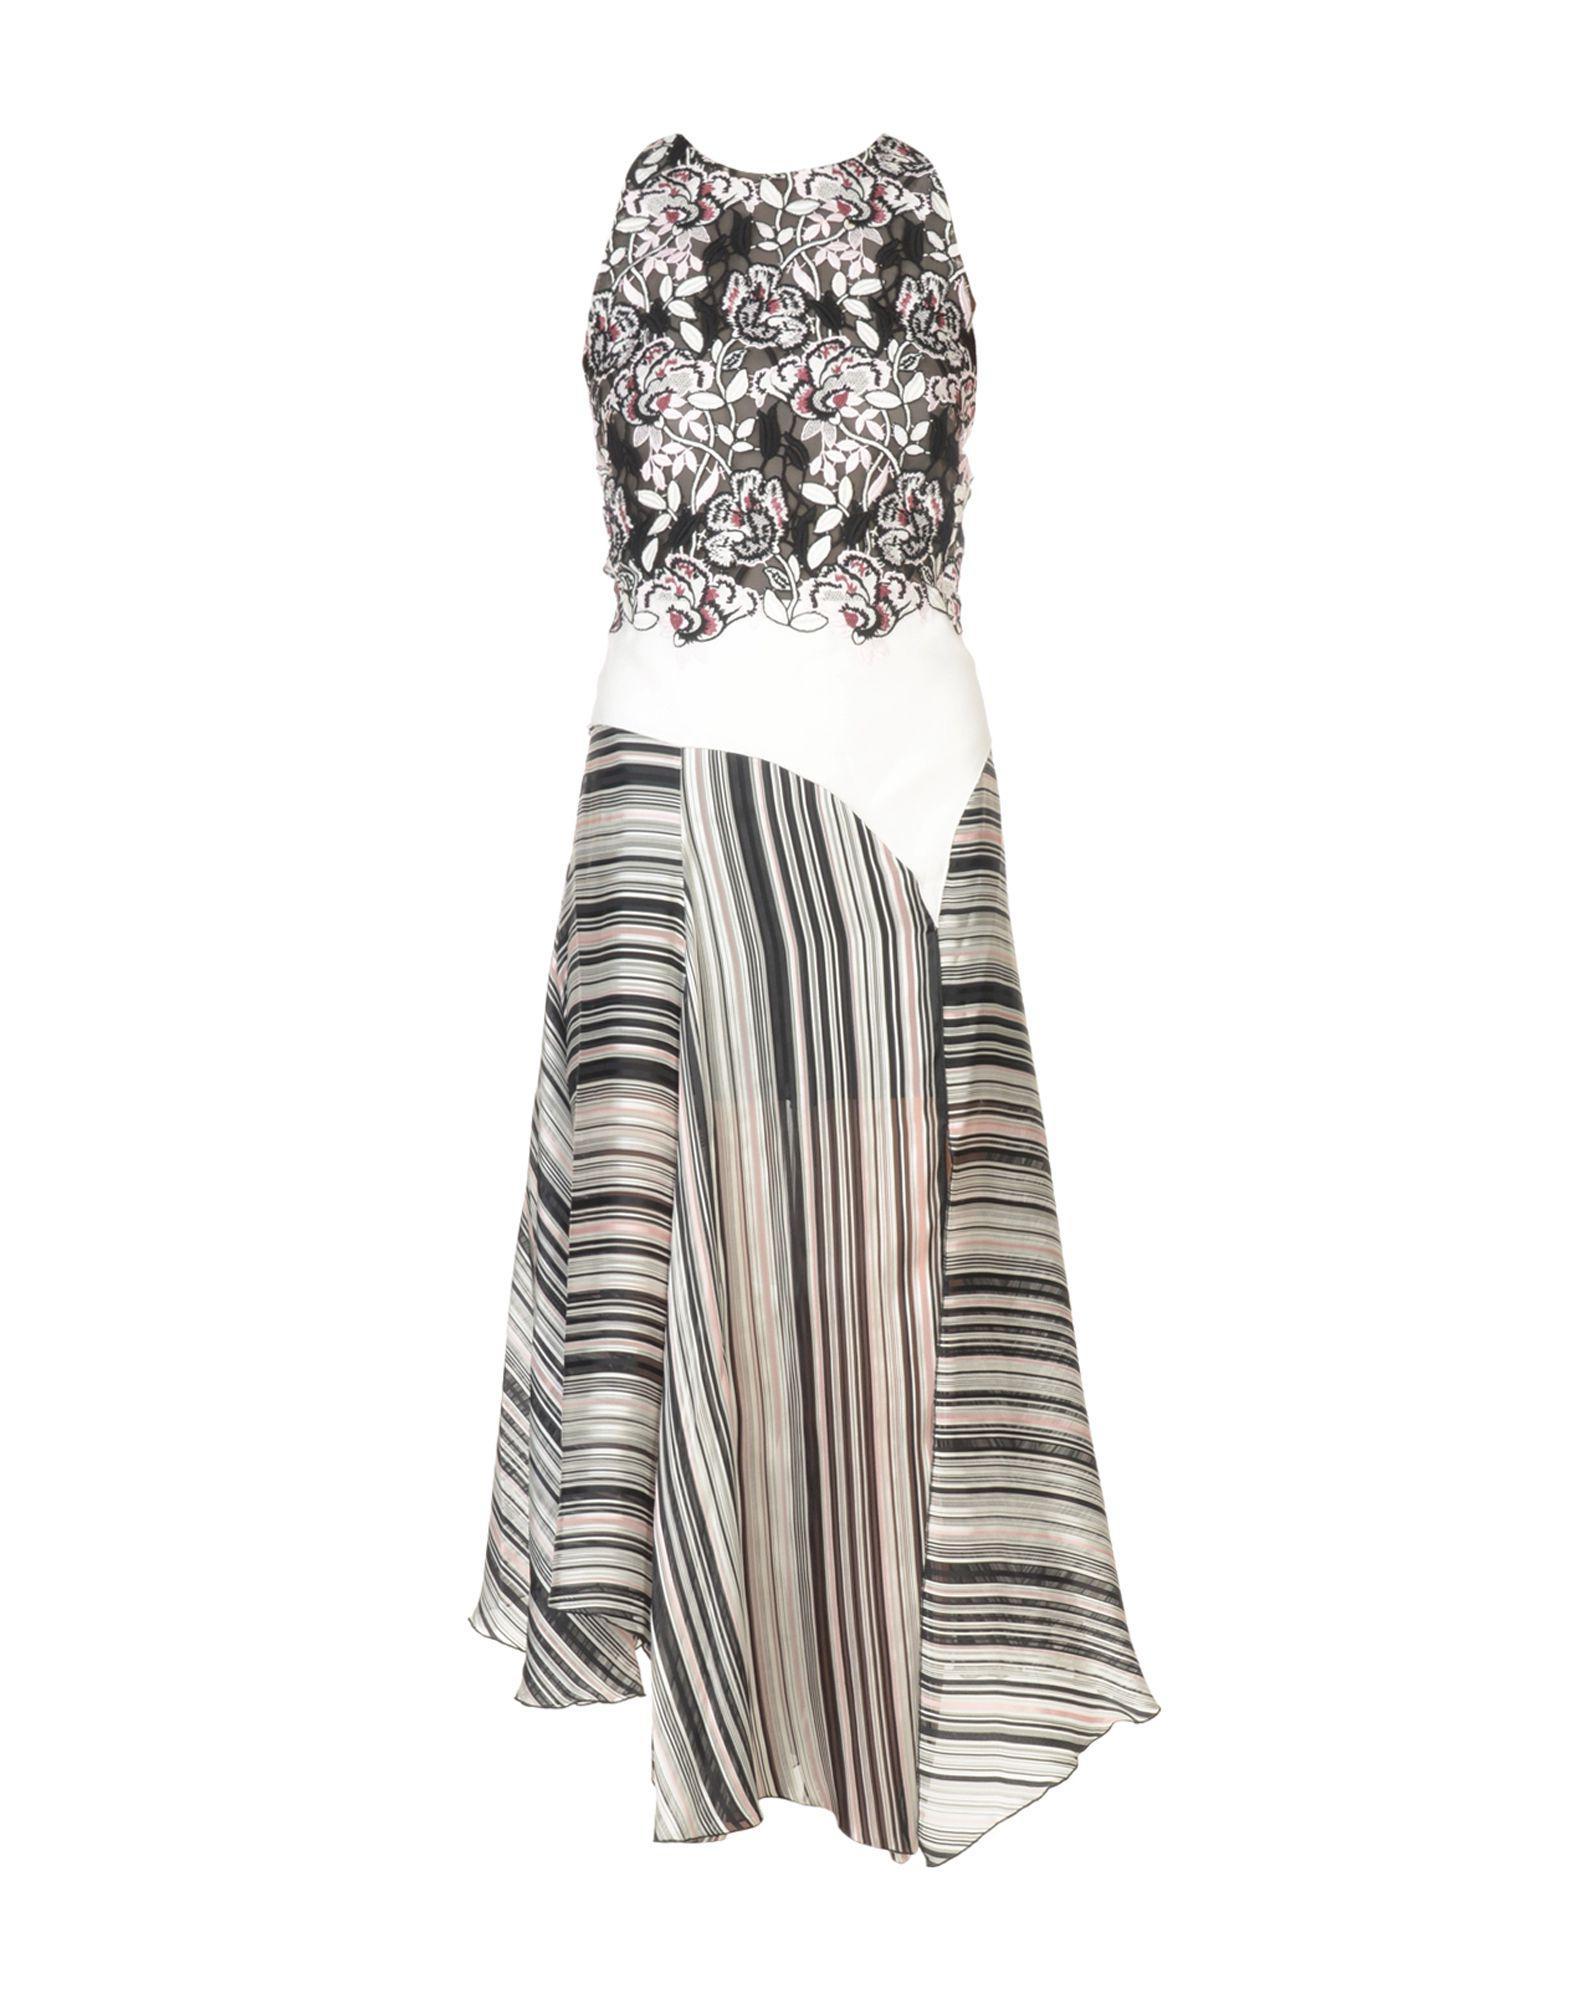 DRESSES - 3/4 length dresses Giambattista Valli SNrUTrS